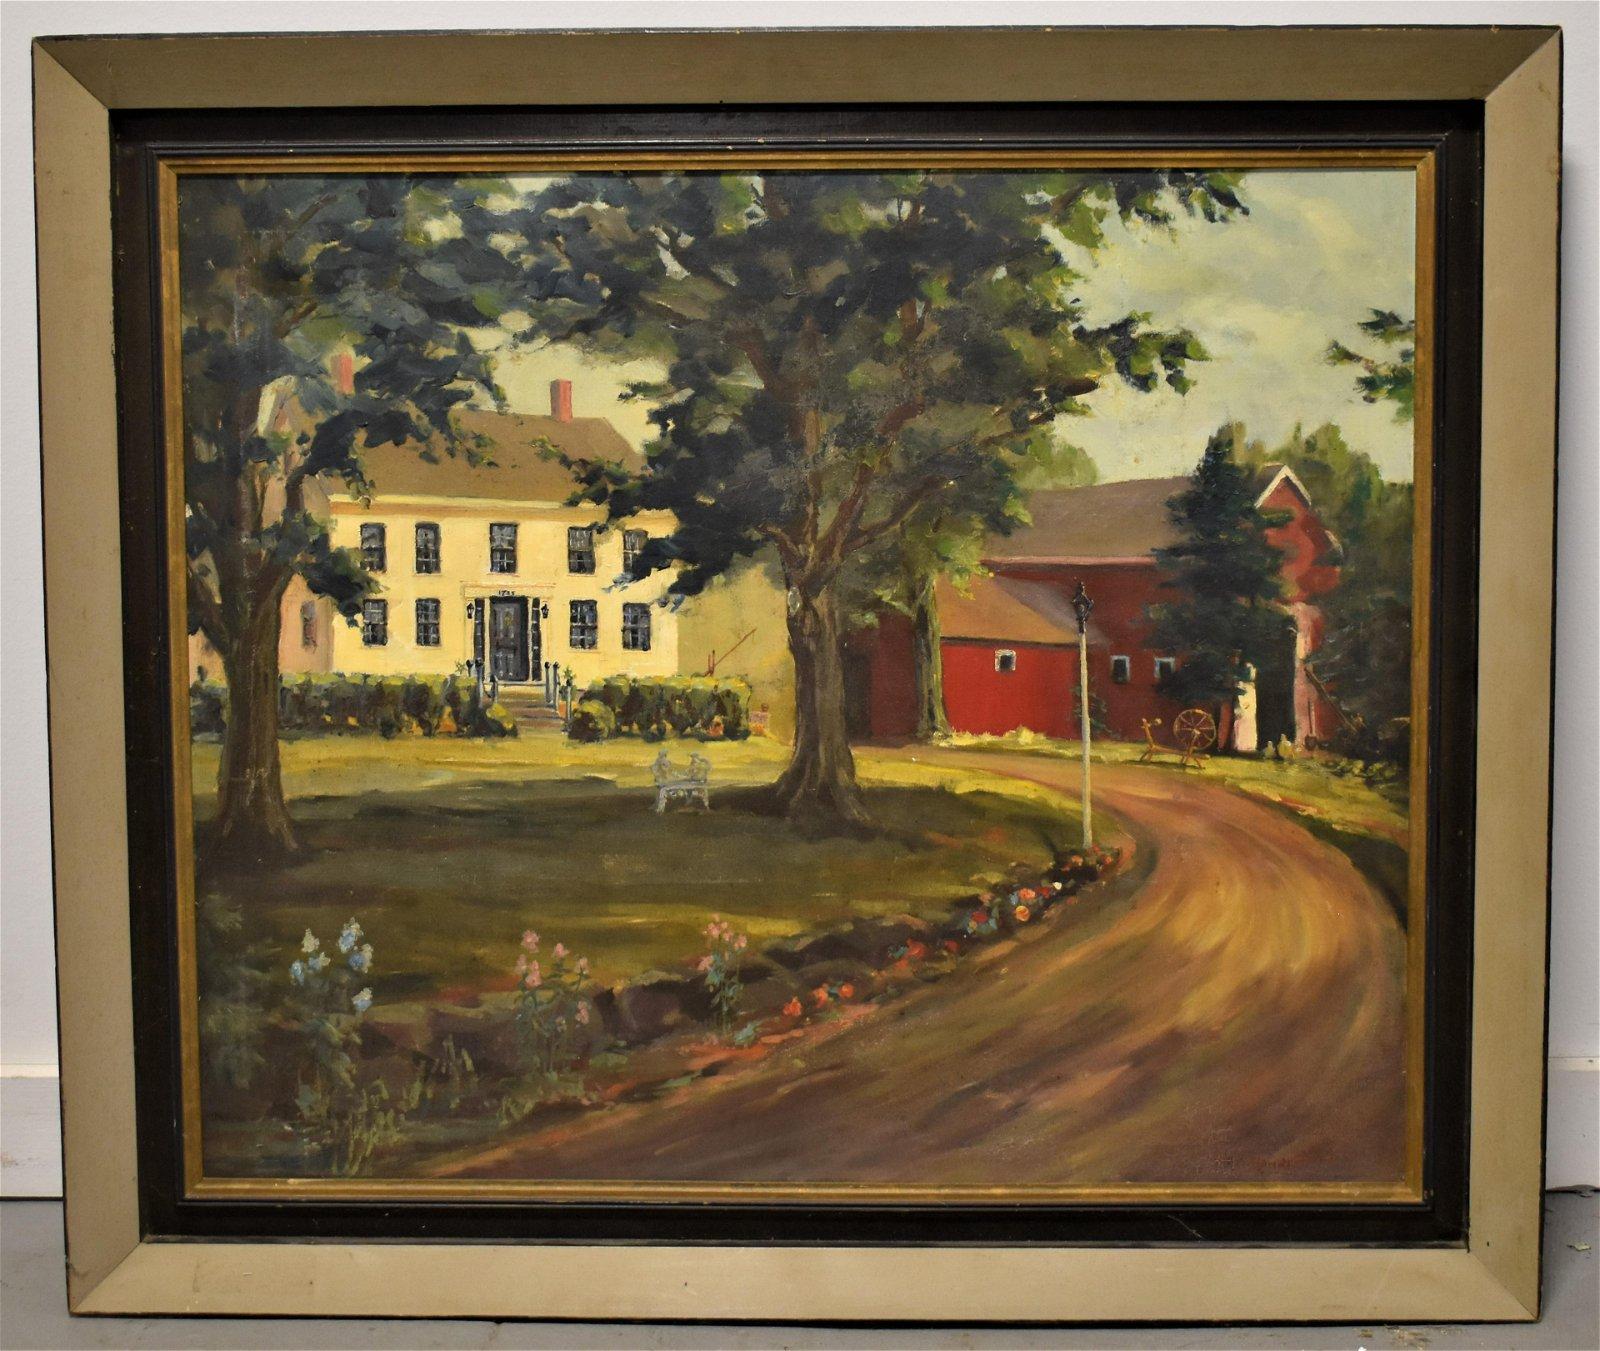 H.G. Rundlett oil Painting